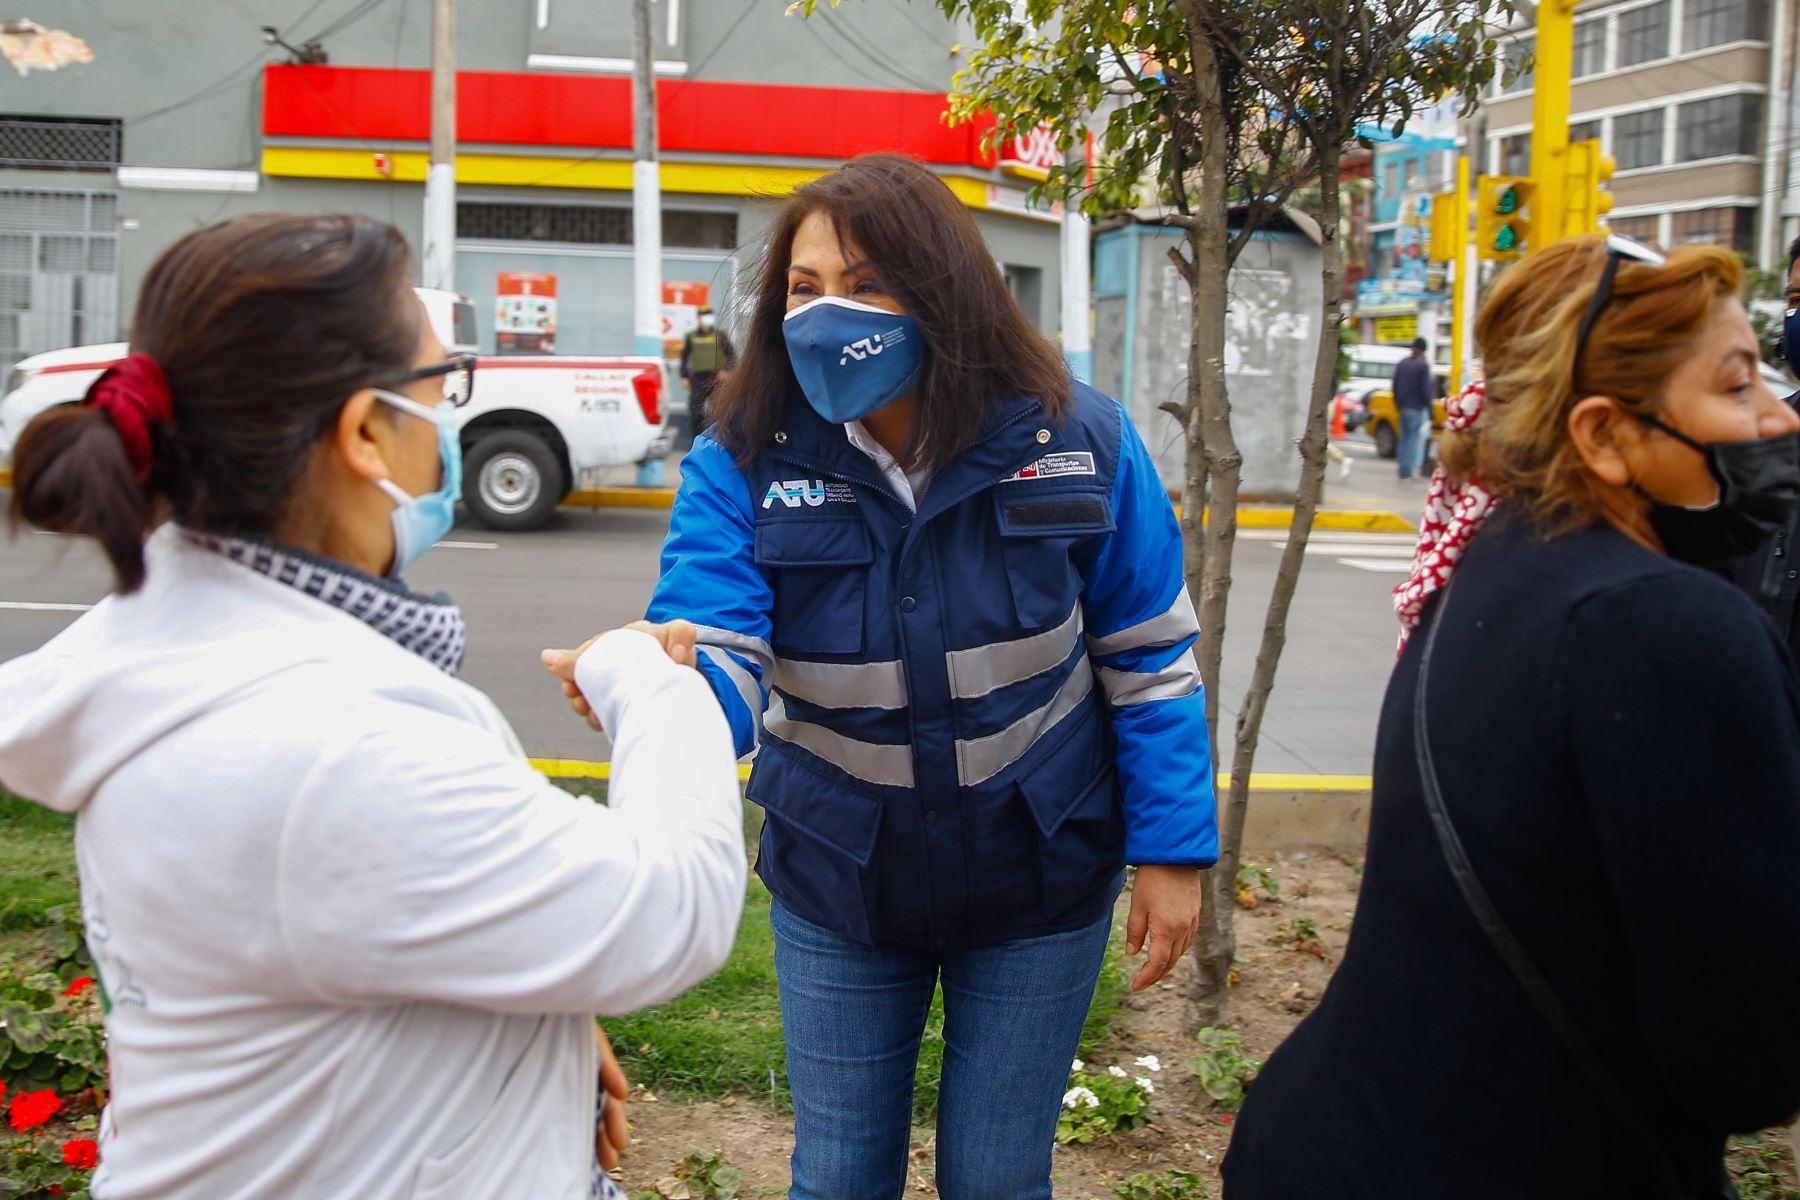 La presidenta del consejo directivo de la ATU , María Jara, junto a personal del Minsa y de la PNP, realizan intervención en el Callao para promover vacunación de usuarios y operadores de transporte urbano. Foto: ANDINA/ Andrés Valle